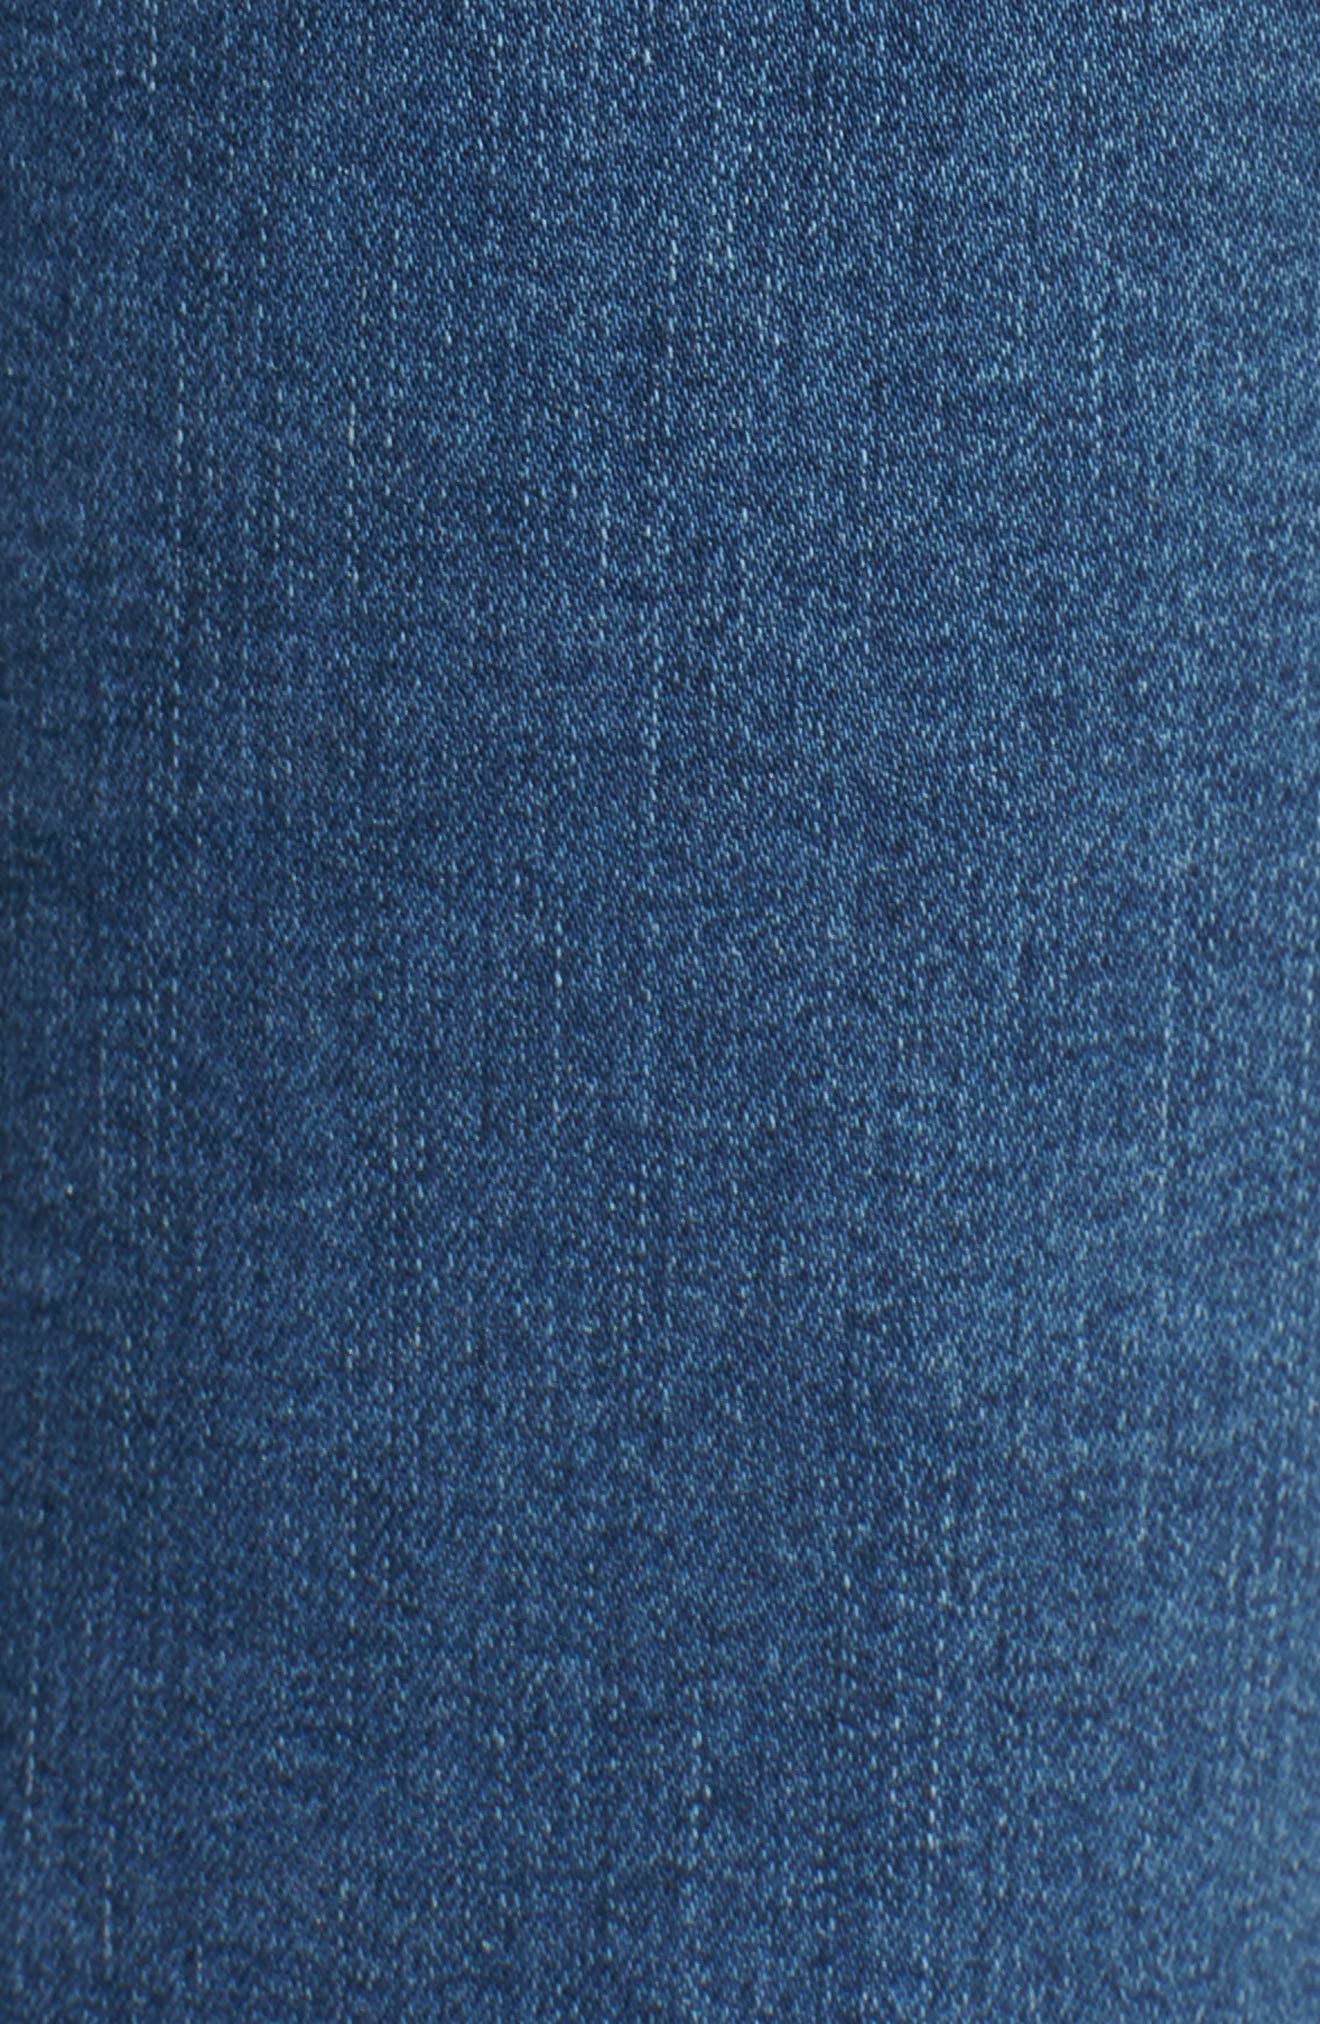 Mile High Super Skinny Jeans,                             Alternate thumbnail 6, color,                             MED BLUE 1